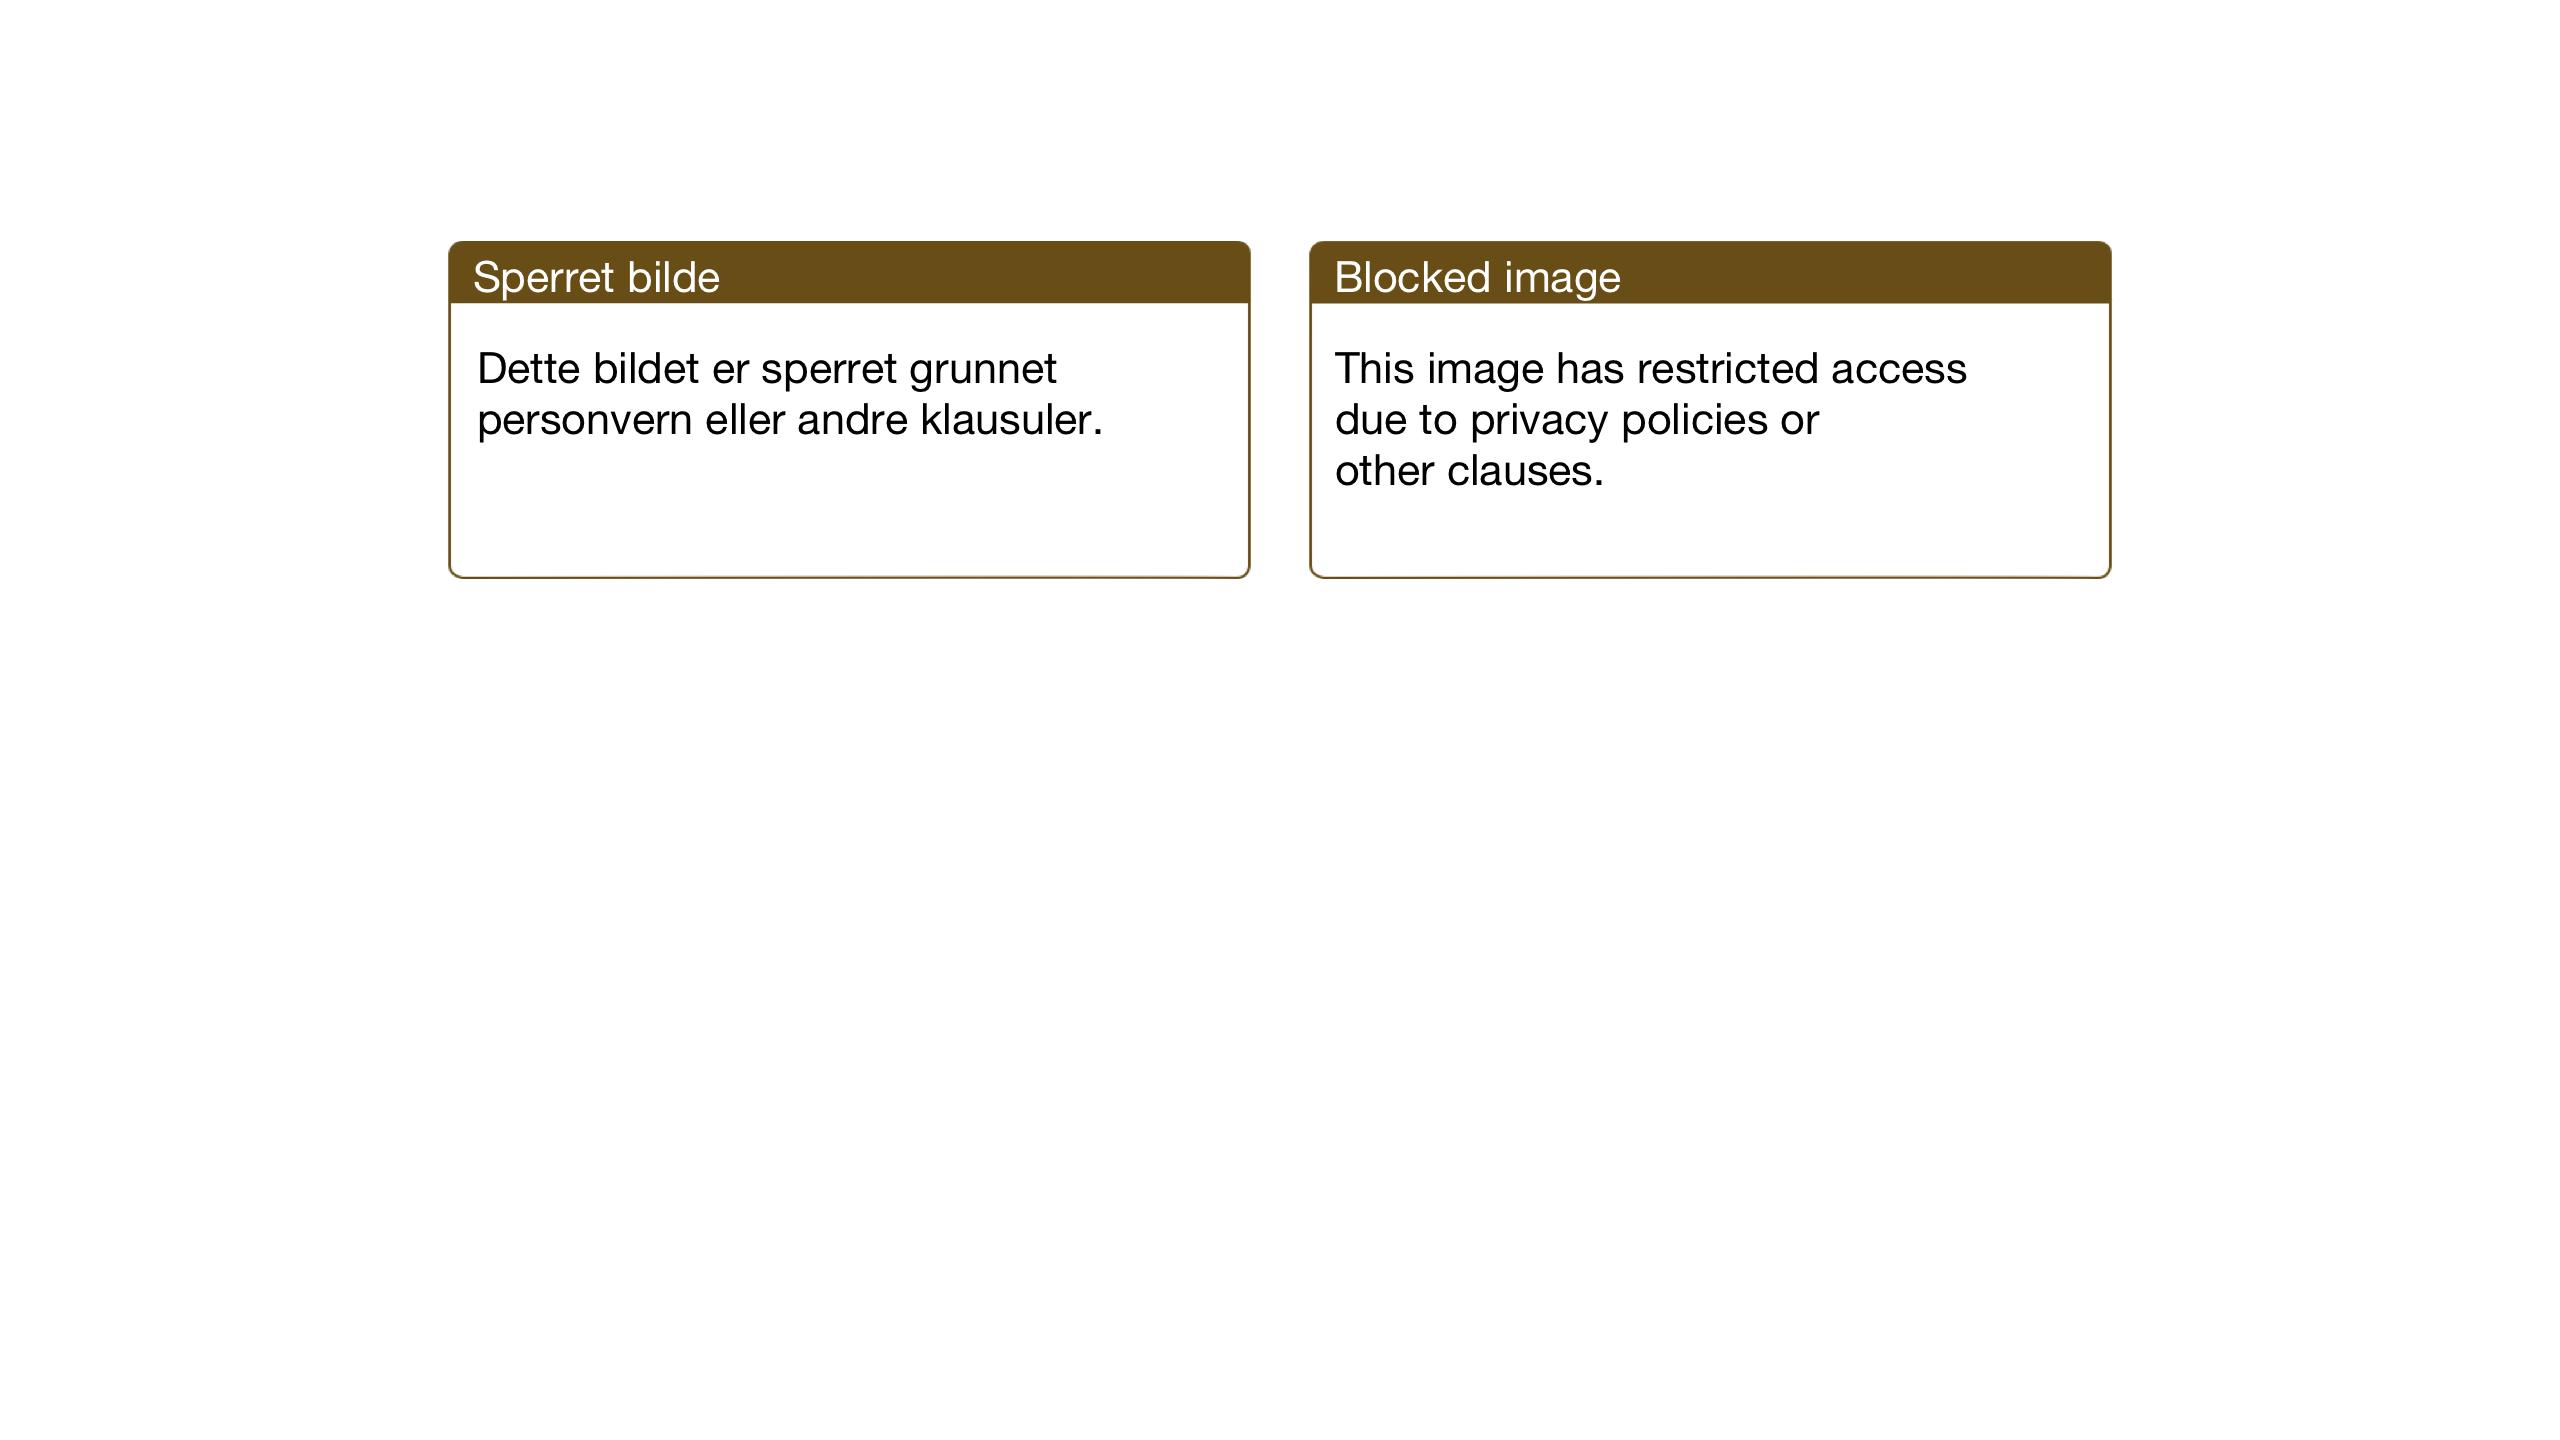 SAT, Ministerialprotokoller, klokkerbøker og fødselsregistre - Sør-Trøndelag, 690/L1053: Klokkerbok nr. 690C03, 1930-1947, s. 45